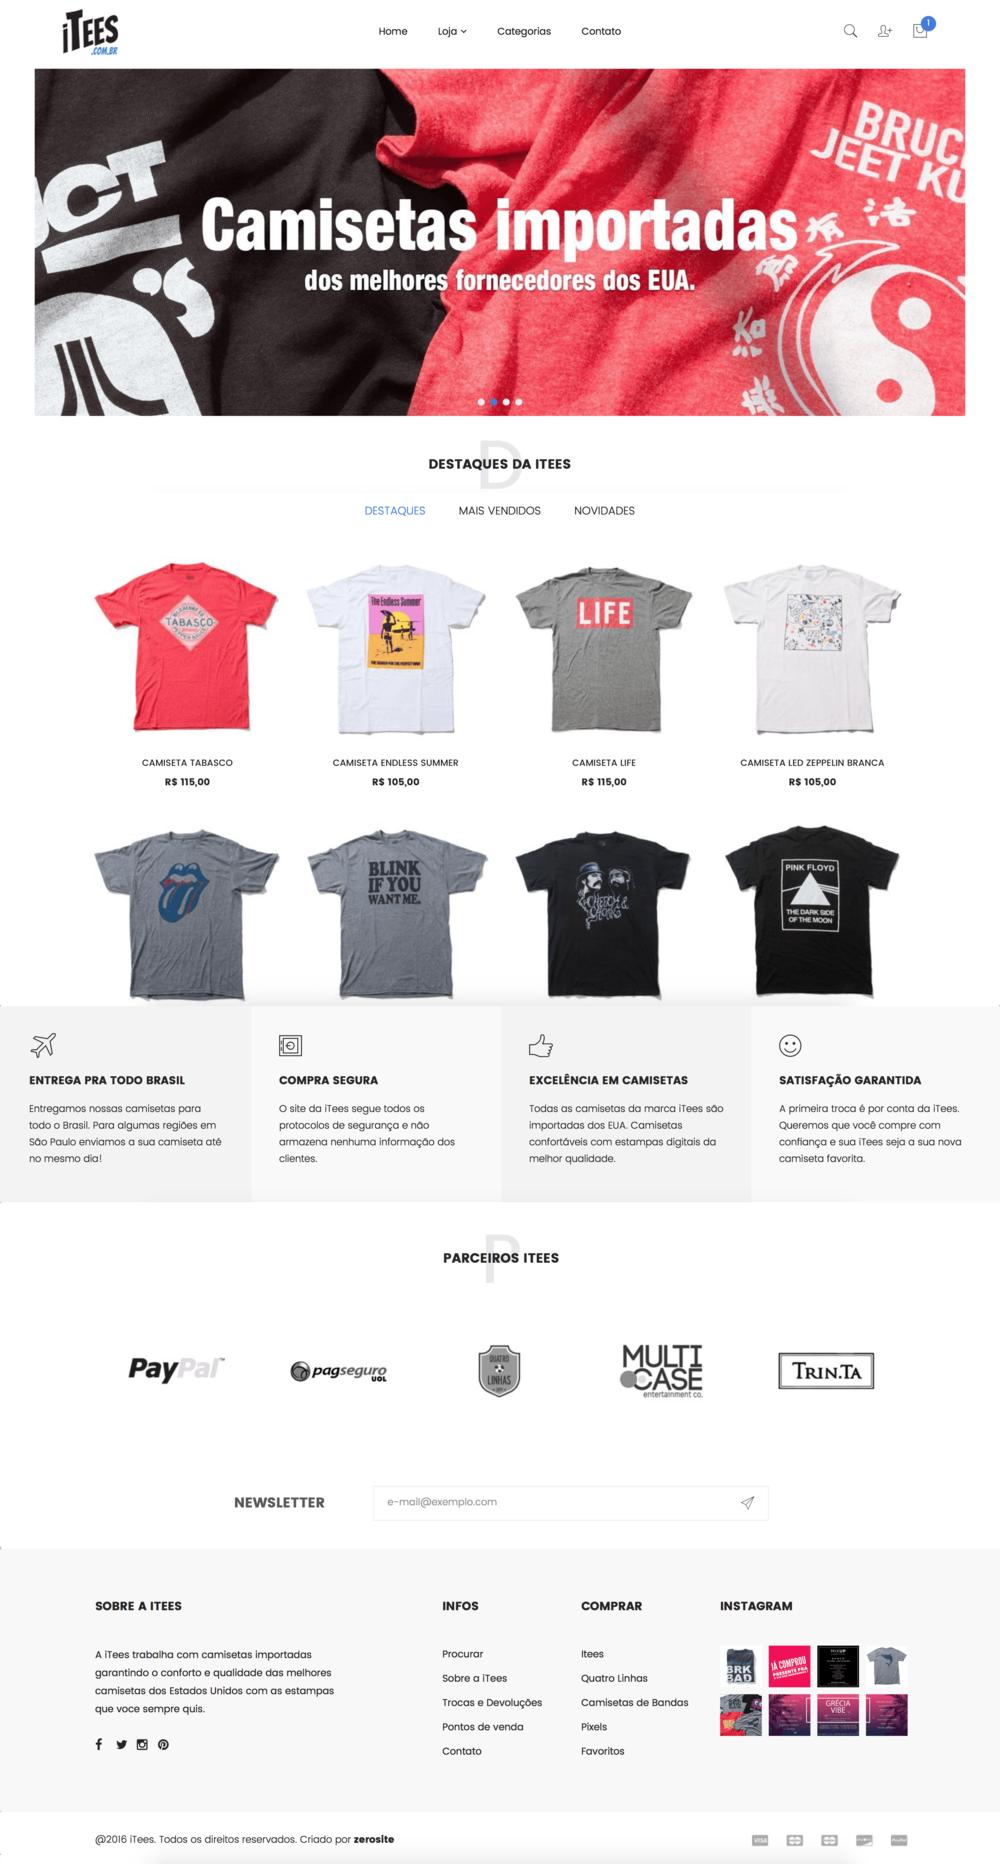 Camisetas importadas itees